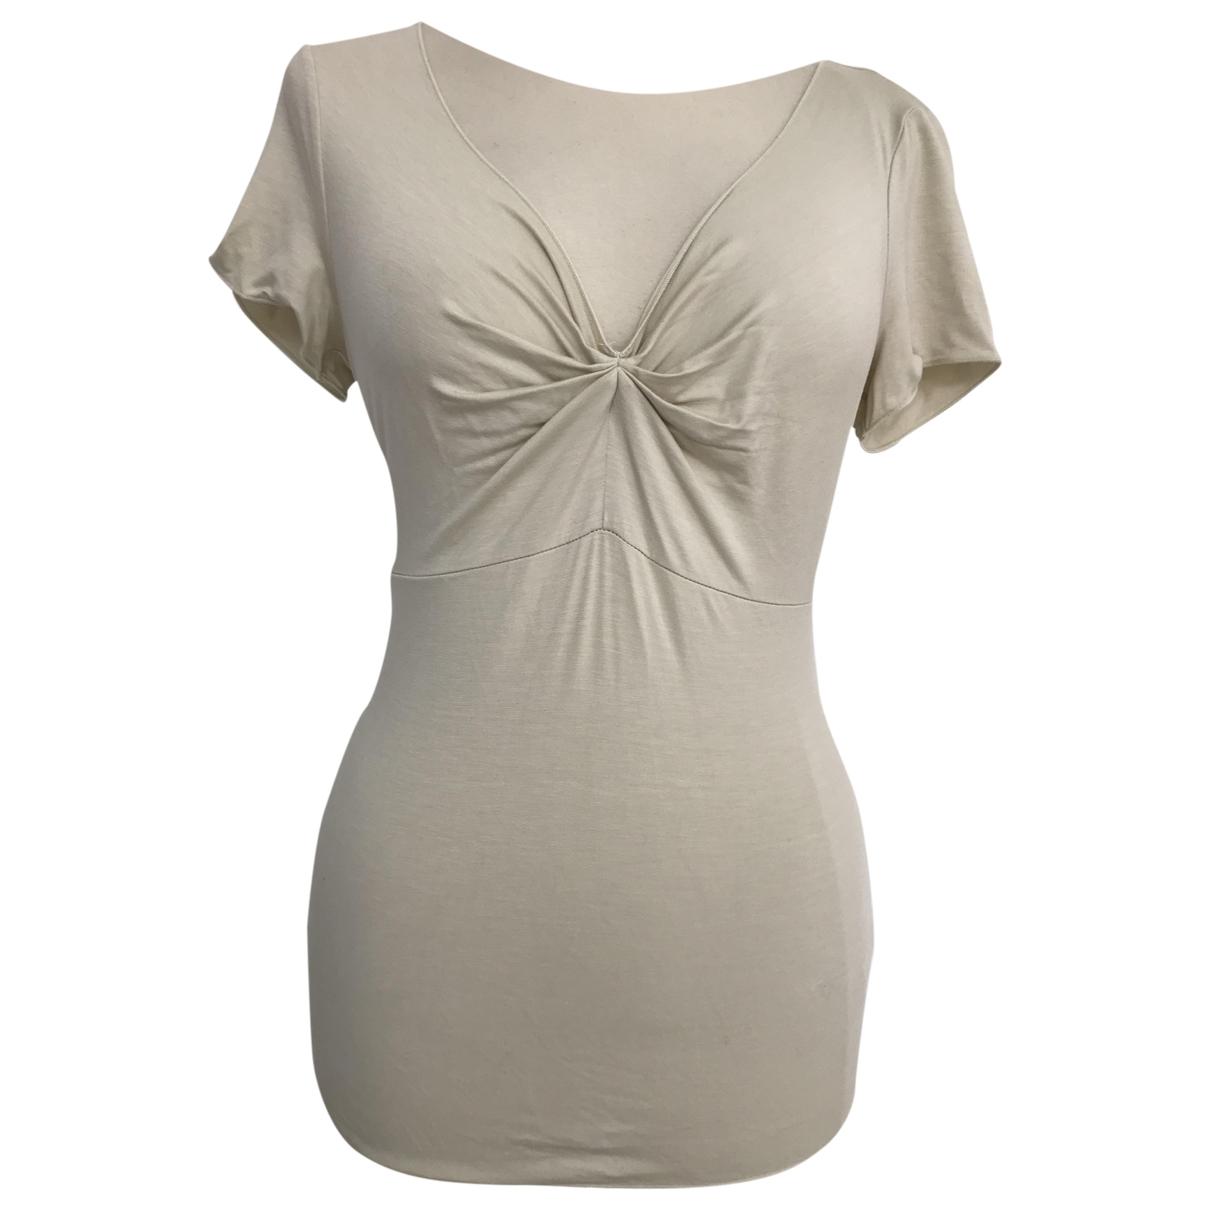 Armani Collezioni - Top   pour femme - beige